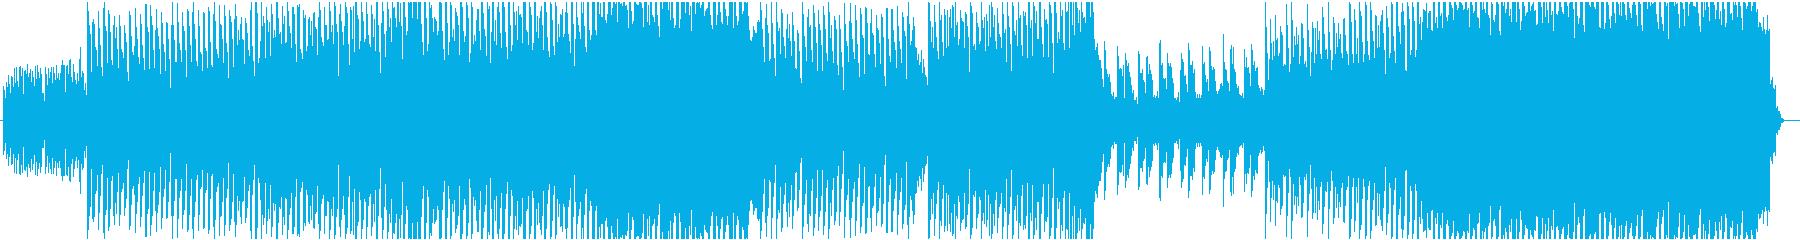 エモーショナルなEDMです。の再生済みの波形